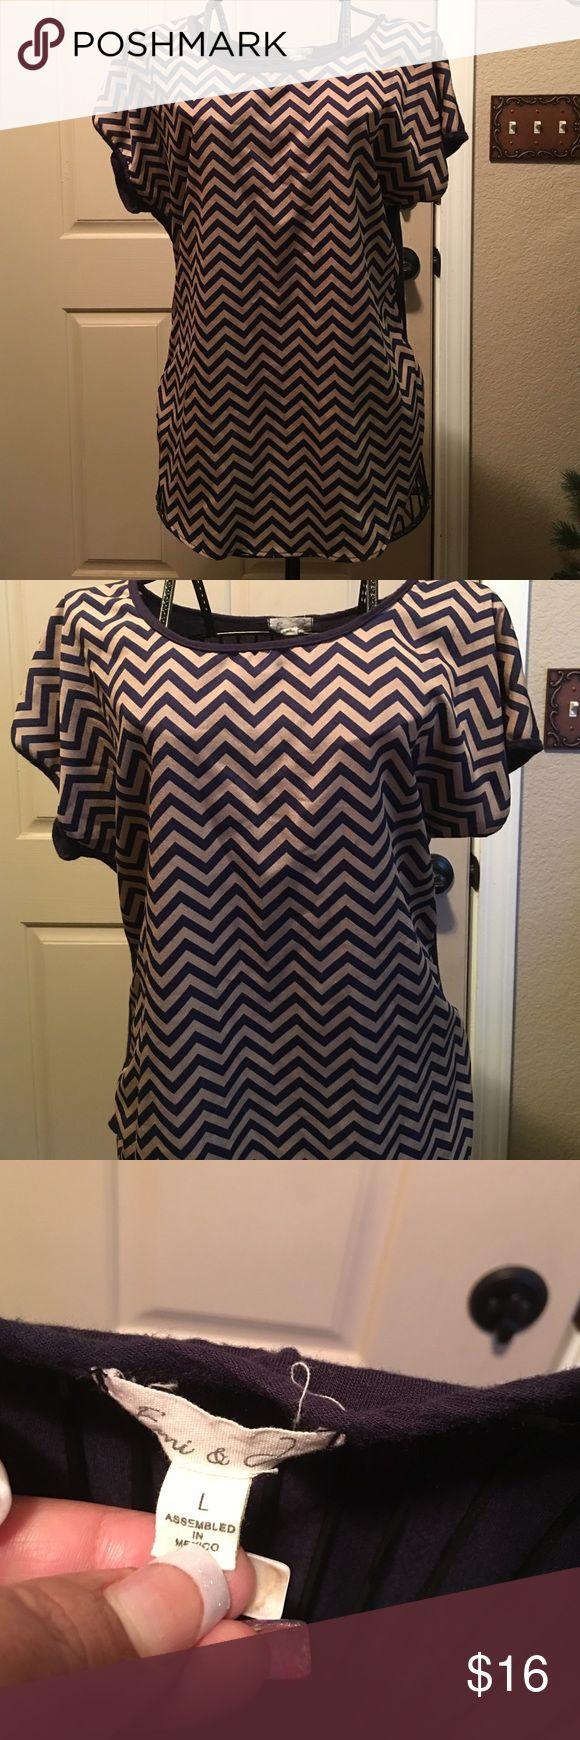 Sz Large stylish Chevron blouse EUC! Used lightly. Tops Blouses